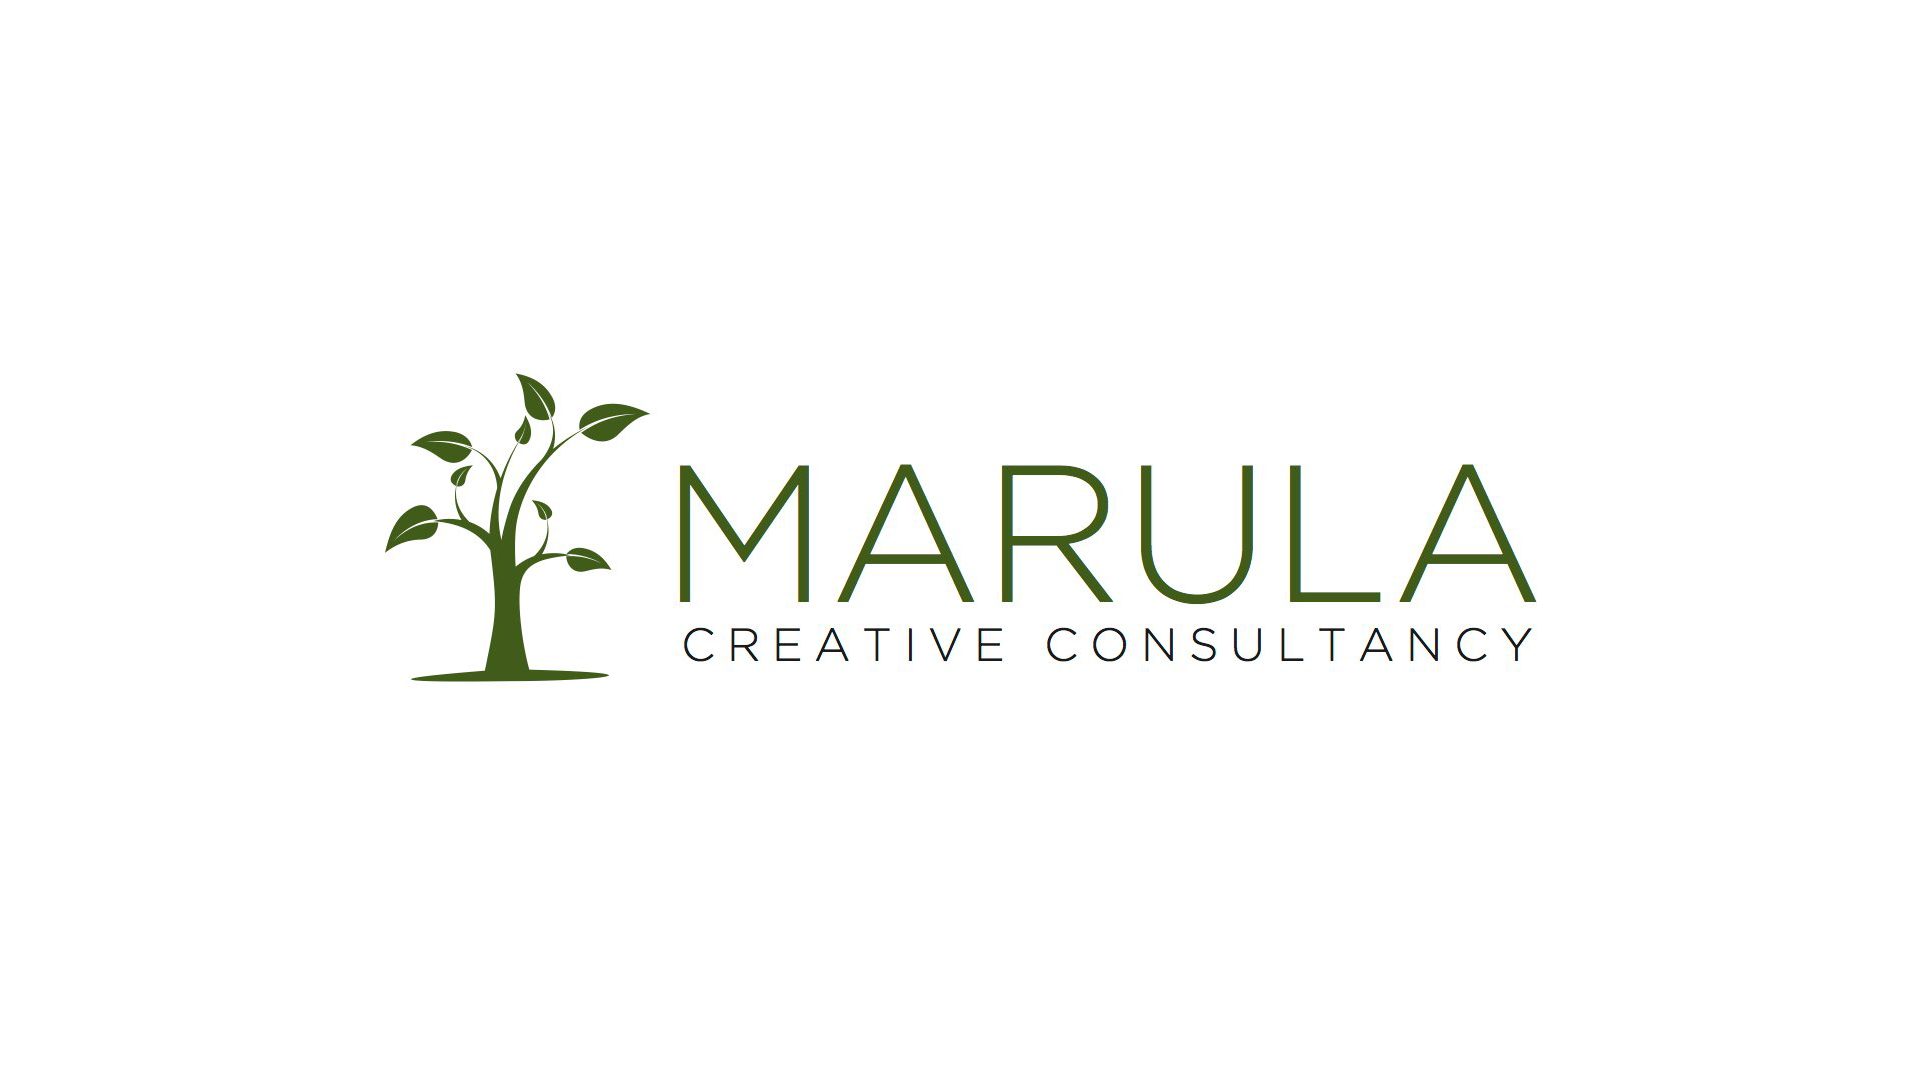 Logo Marula Creative Consultancy